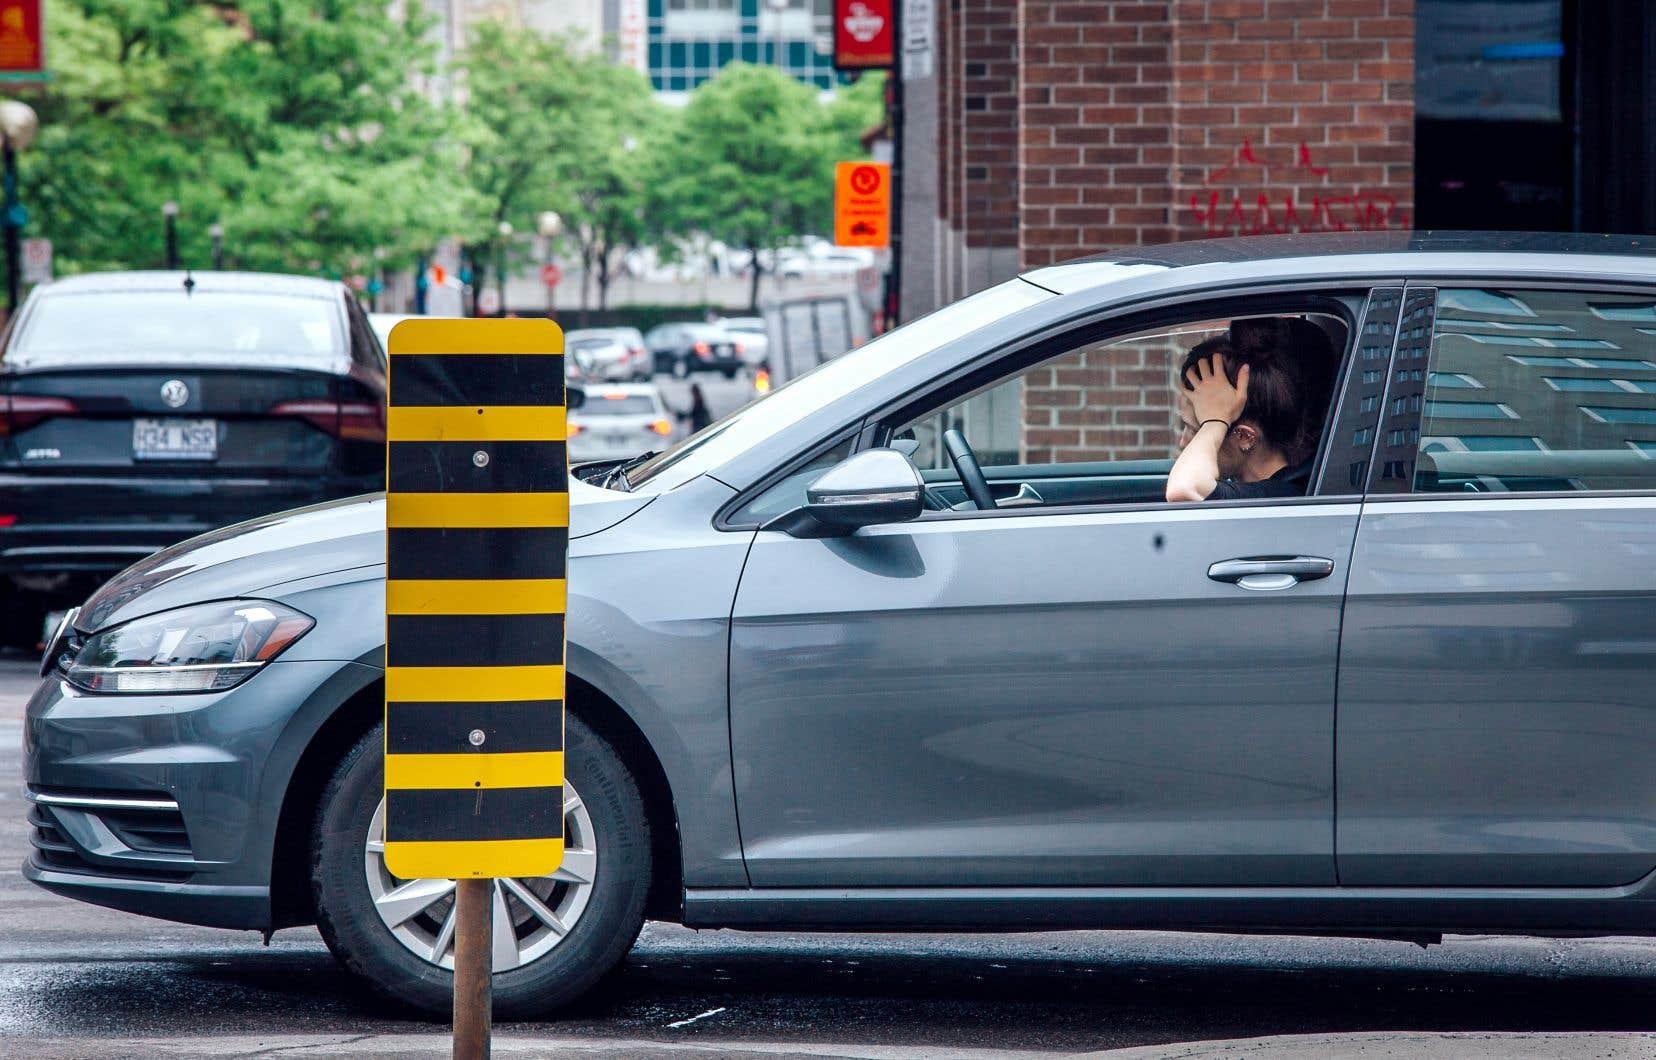 Les horaires variables, le désir de flexibilité et les habitudes de transport arrivent en tête de liste lorsqu'on demande aux gens les raisons qui freinent leur utilisation du covoiturage courte distance.